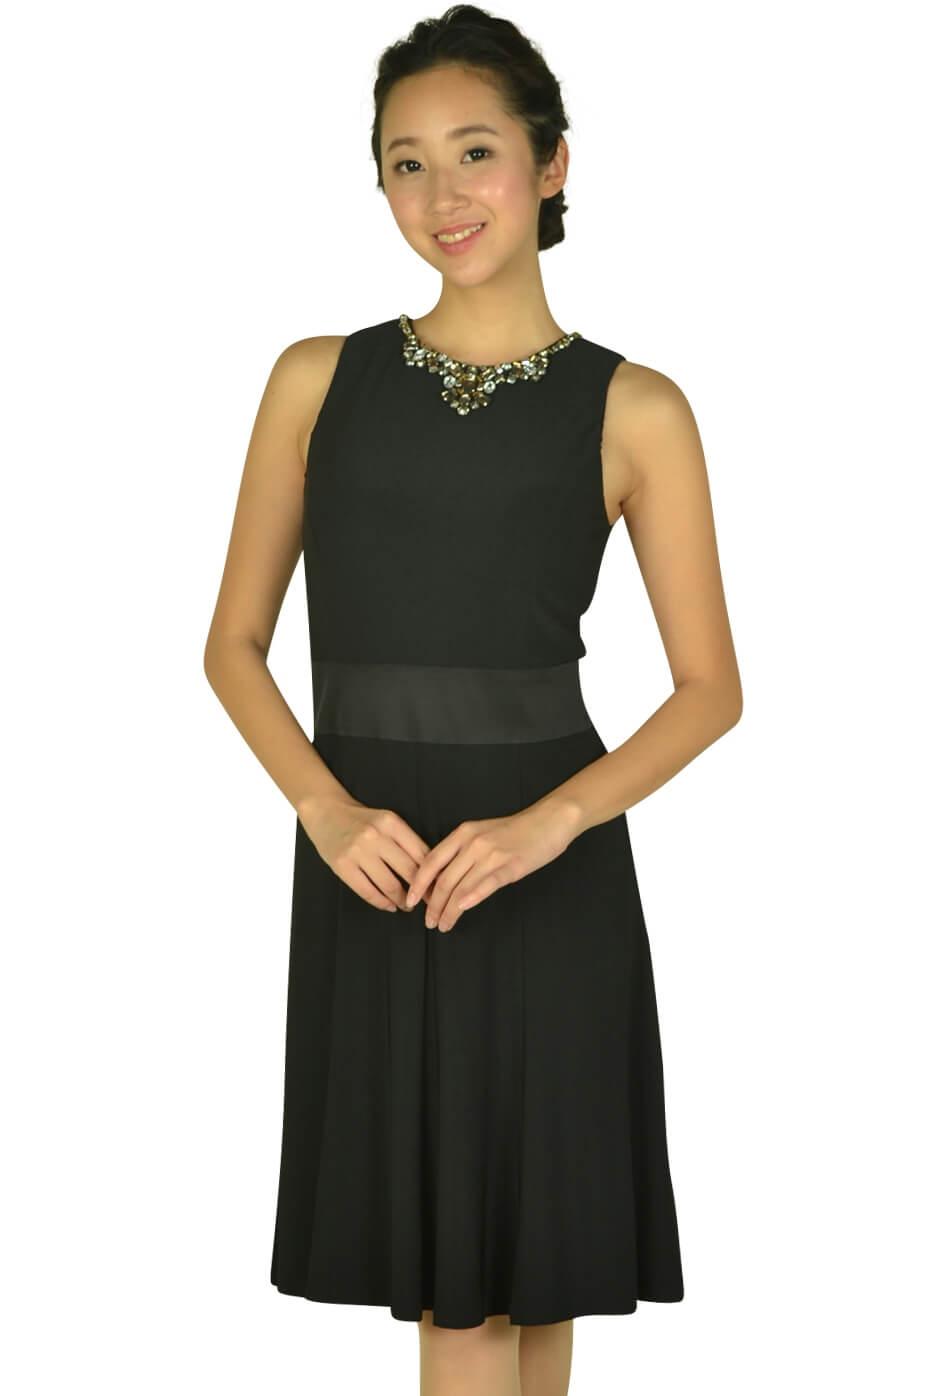 ローレンラルフローレン (LAUREN RALPH LAUREN)ビジュークリスタルネックブラックドレス